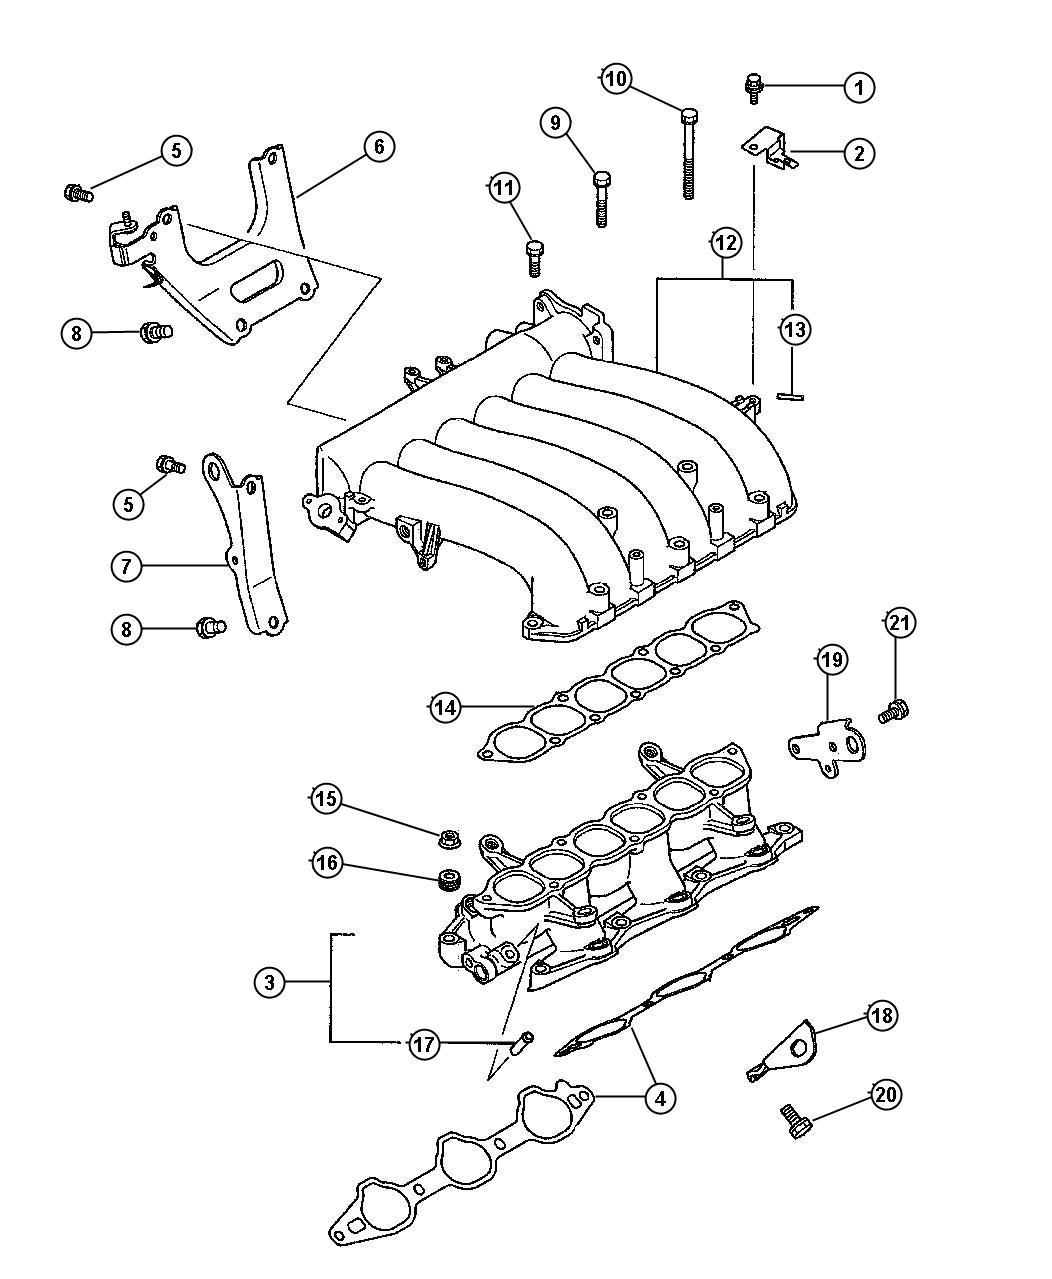 Chrysler Sebring Fitting. Vacuum. Manifold, intake, engine